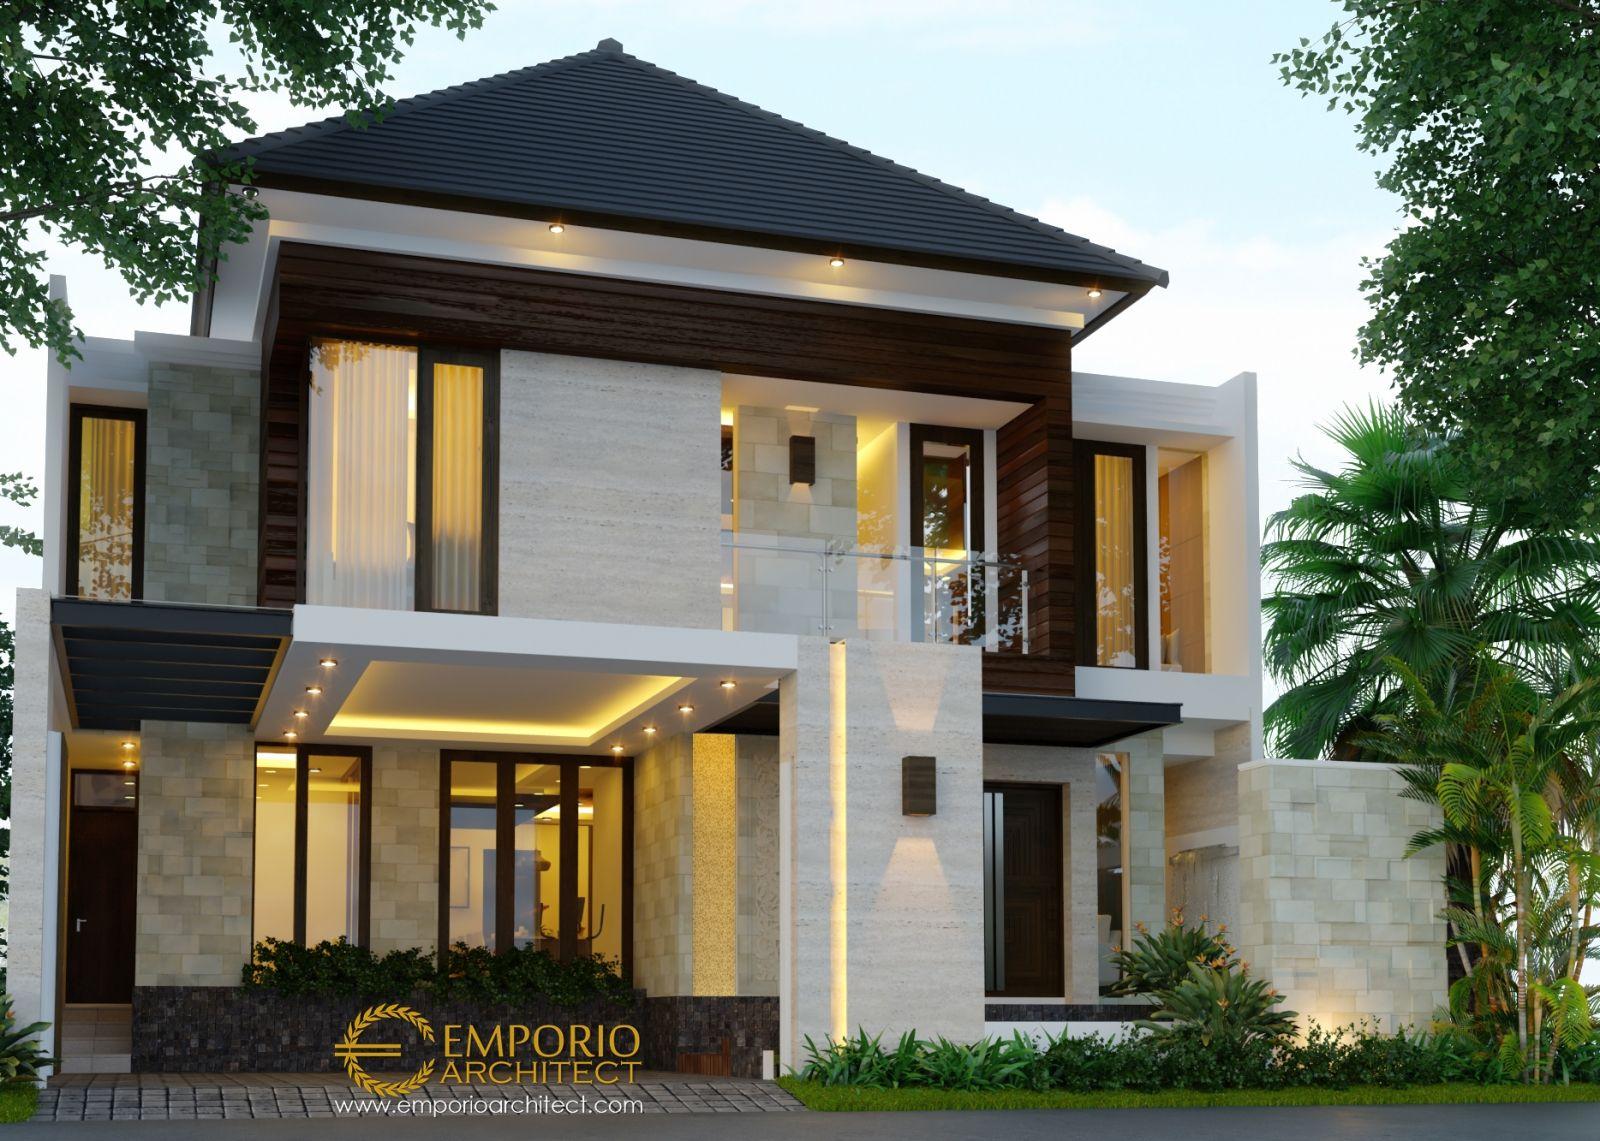 Jasa Arsitek Jakarta Desain Rumah Bapak Agon Jasa Arsitek Desain Rumah Berkualitas Desain Villa Bali M Desain Rumah Kontemporer Rumah Kontemporer Rumah Modern